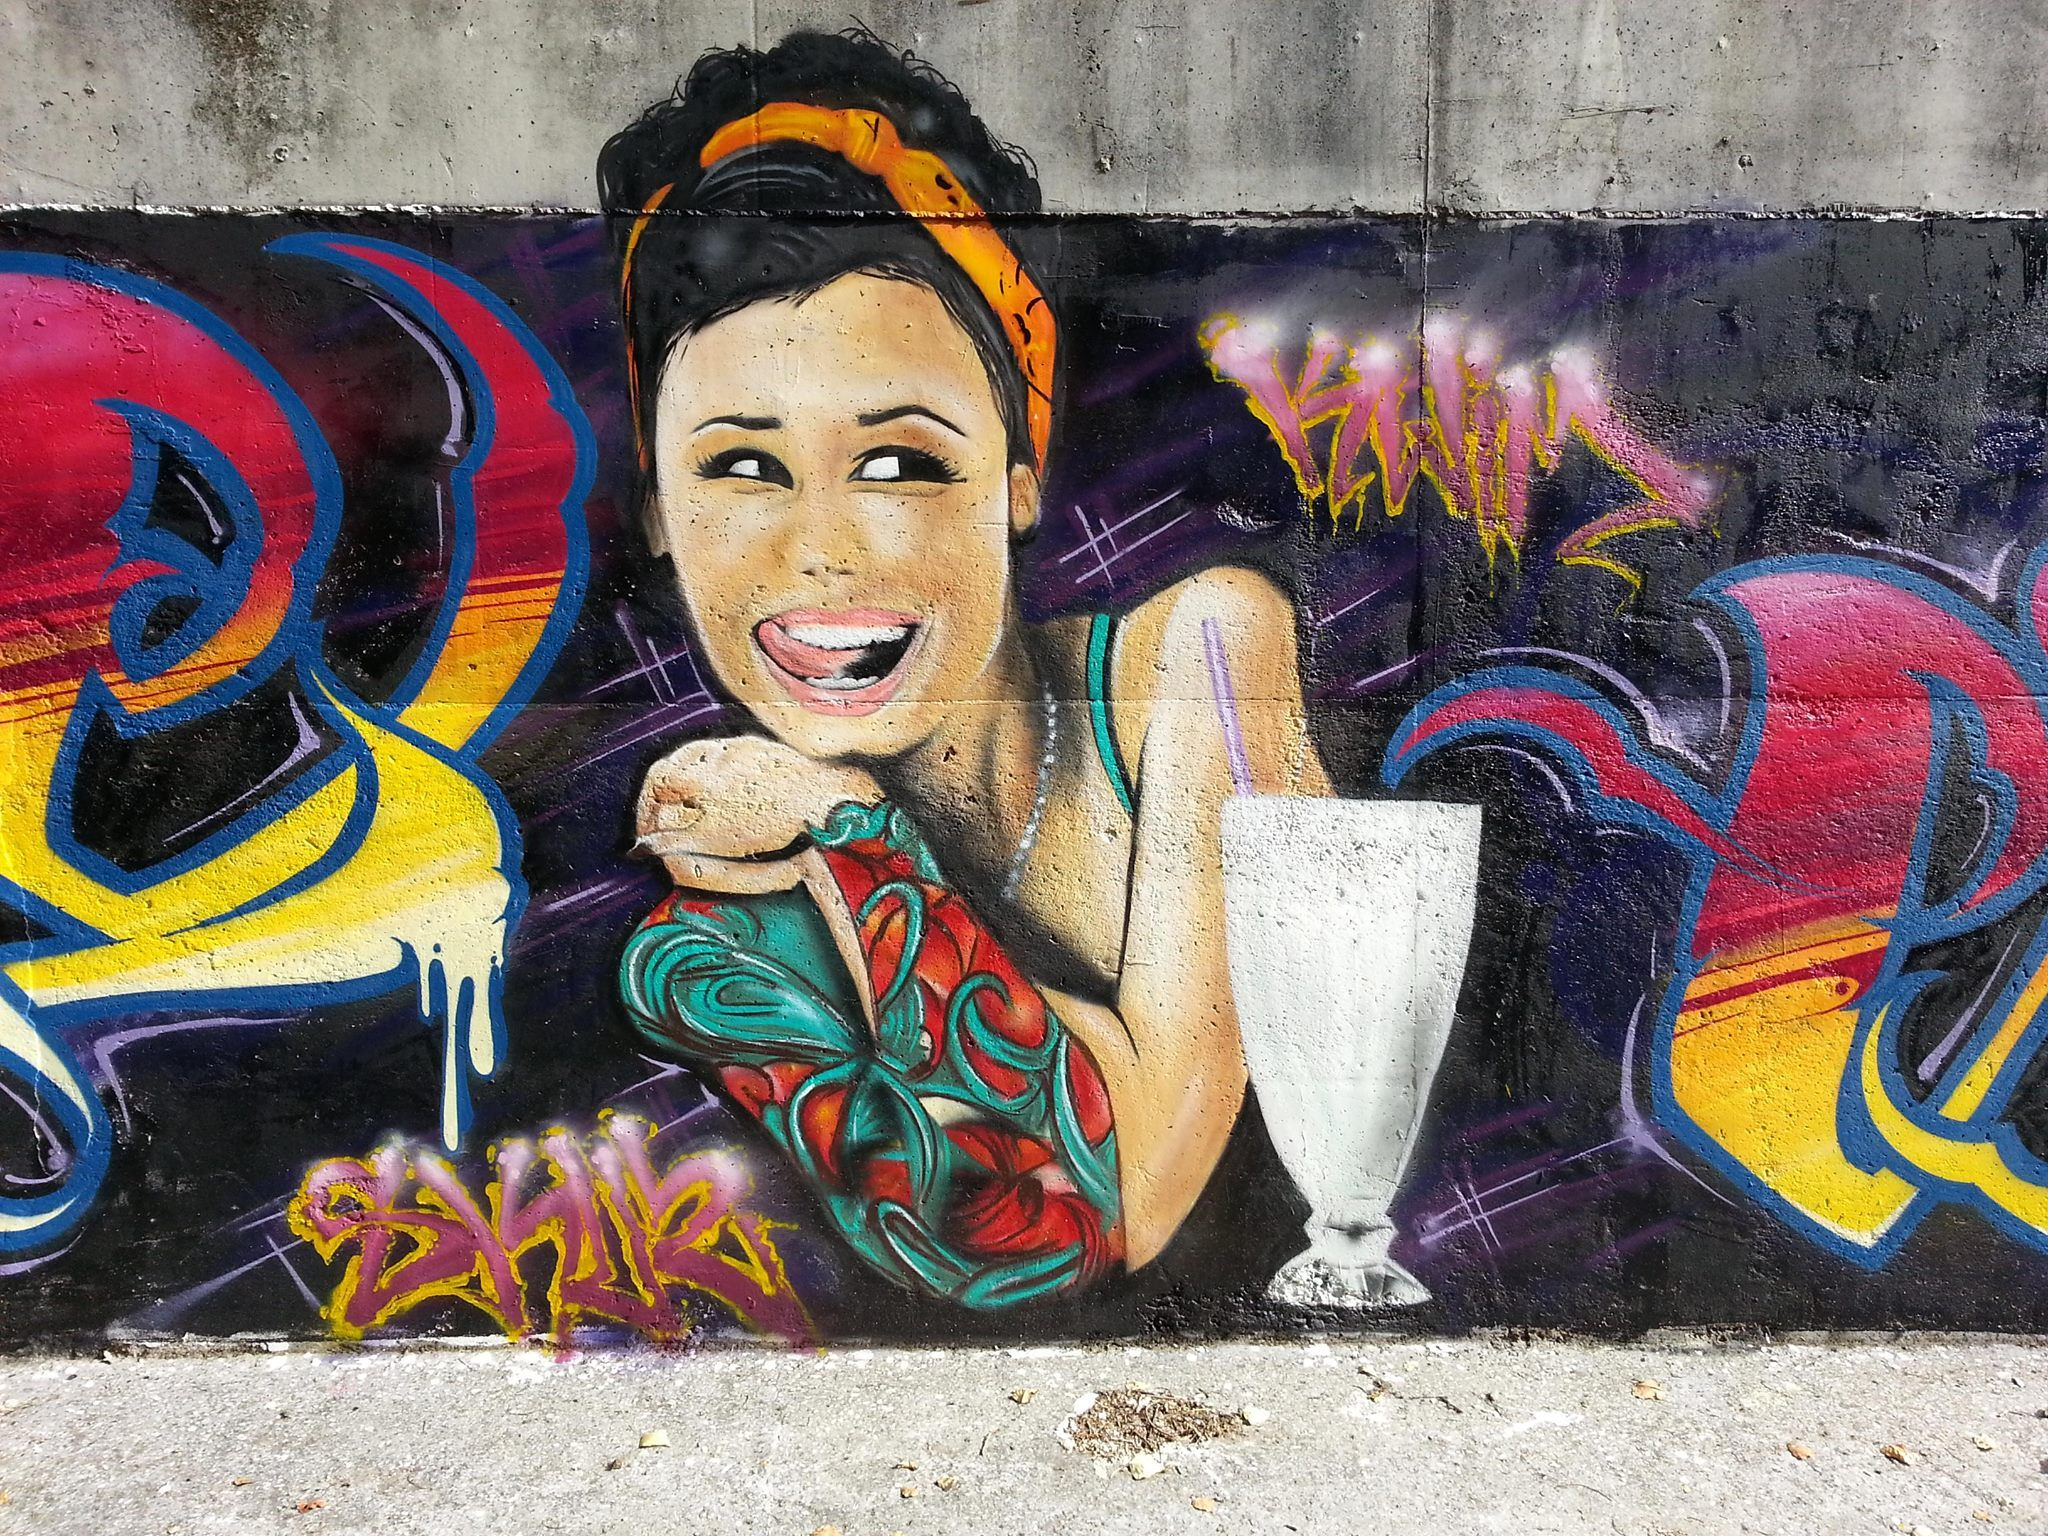 Kwim twe street art los angeles pinterest for Audrey hepburn mural los angeles